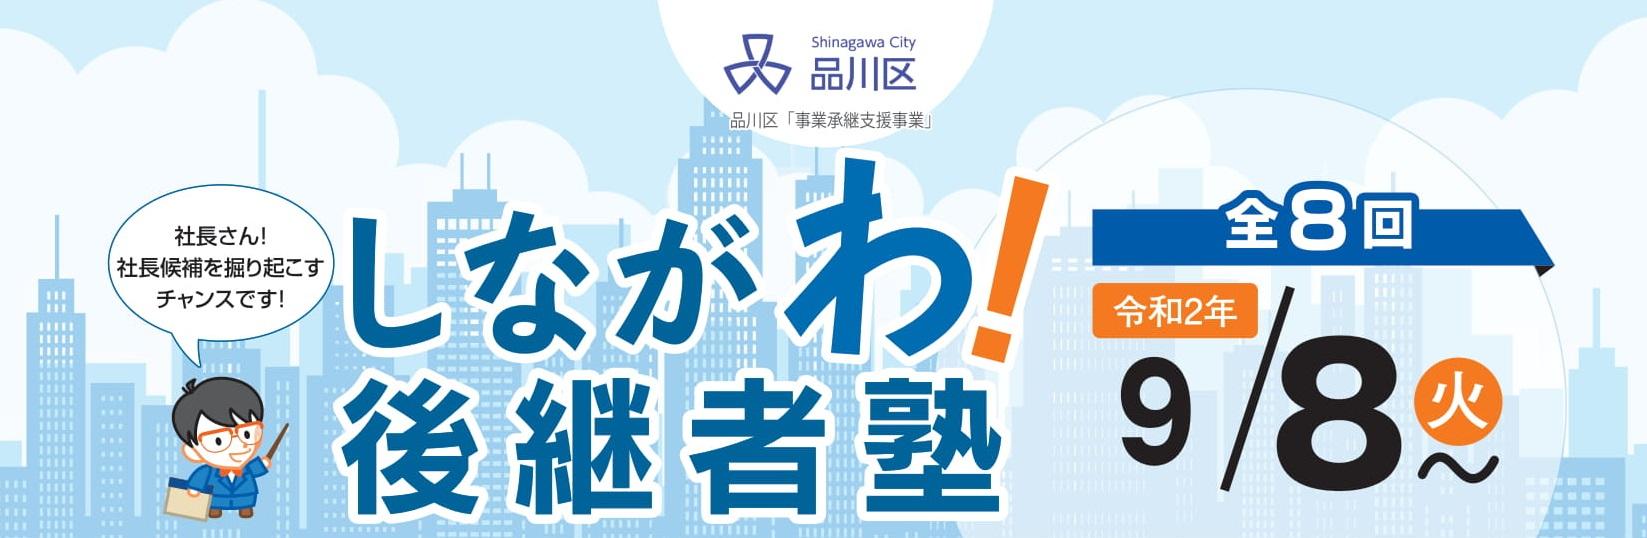 しながわ!後継者塾  9/8(火)~12/15(火)の全8回|品川区内の事業者様限定